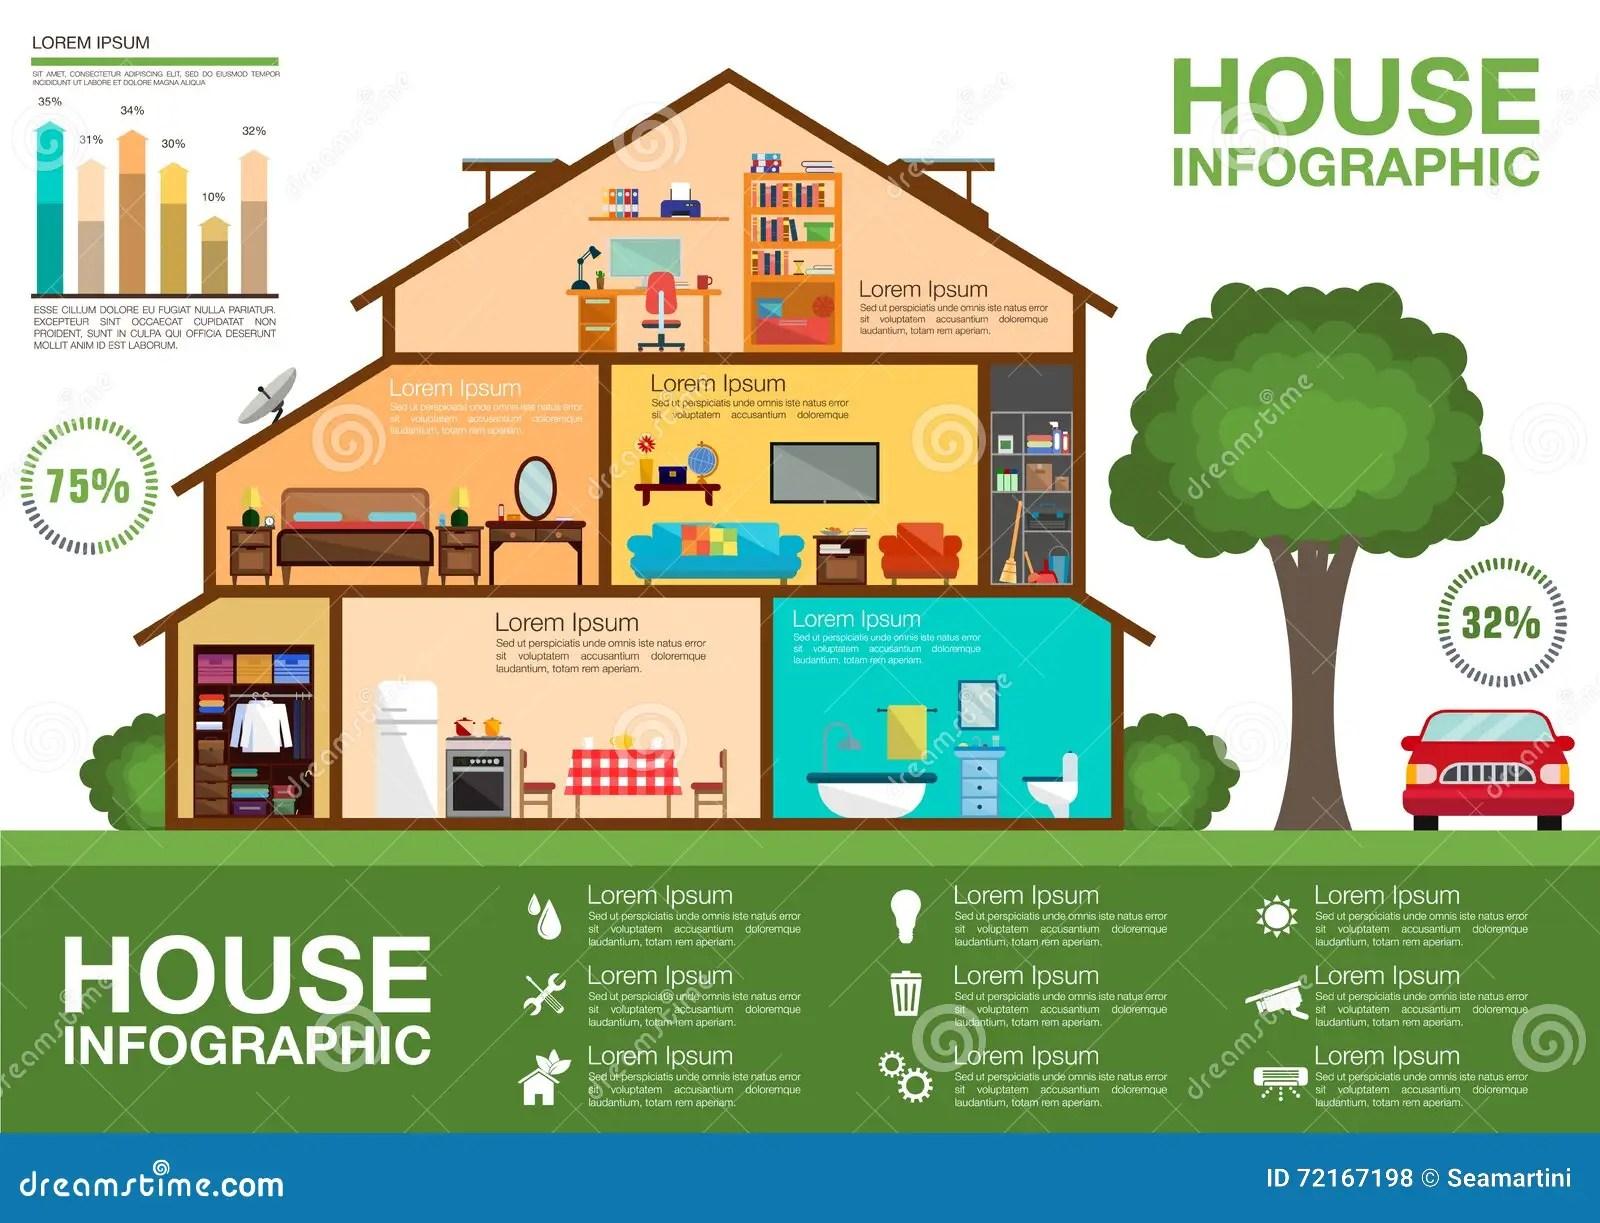 Diseo Infographic Cortado De La Casa Ecolgica Ilustracin del Vector  Ilustracin de ecologa